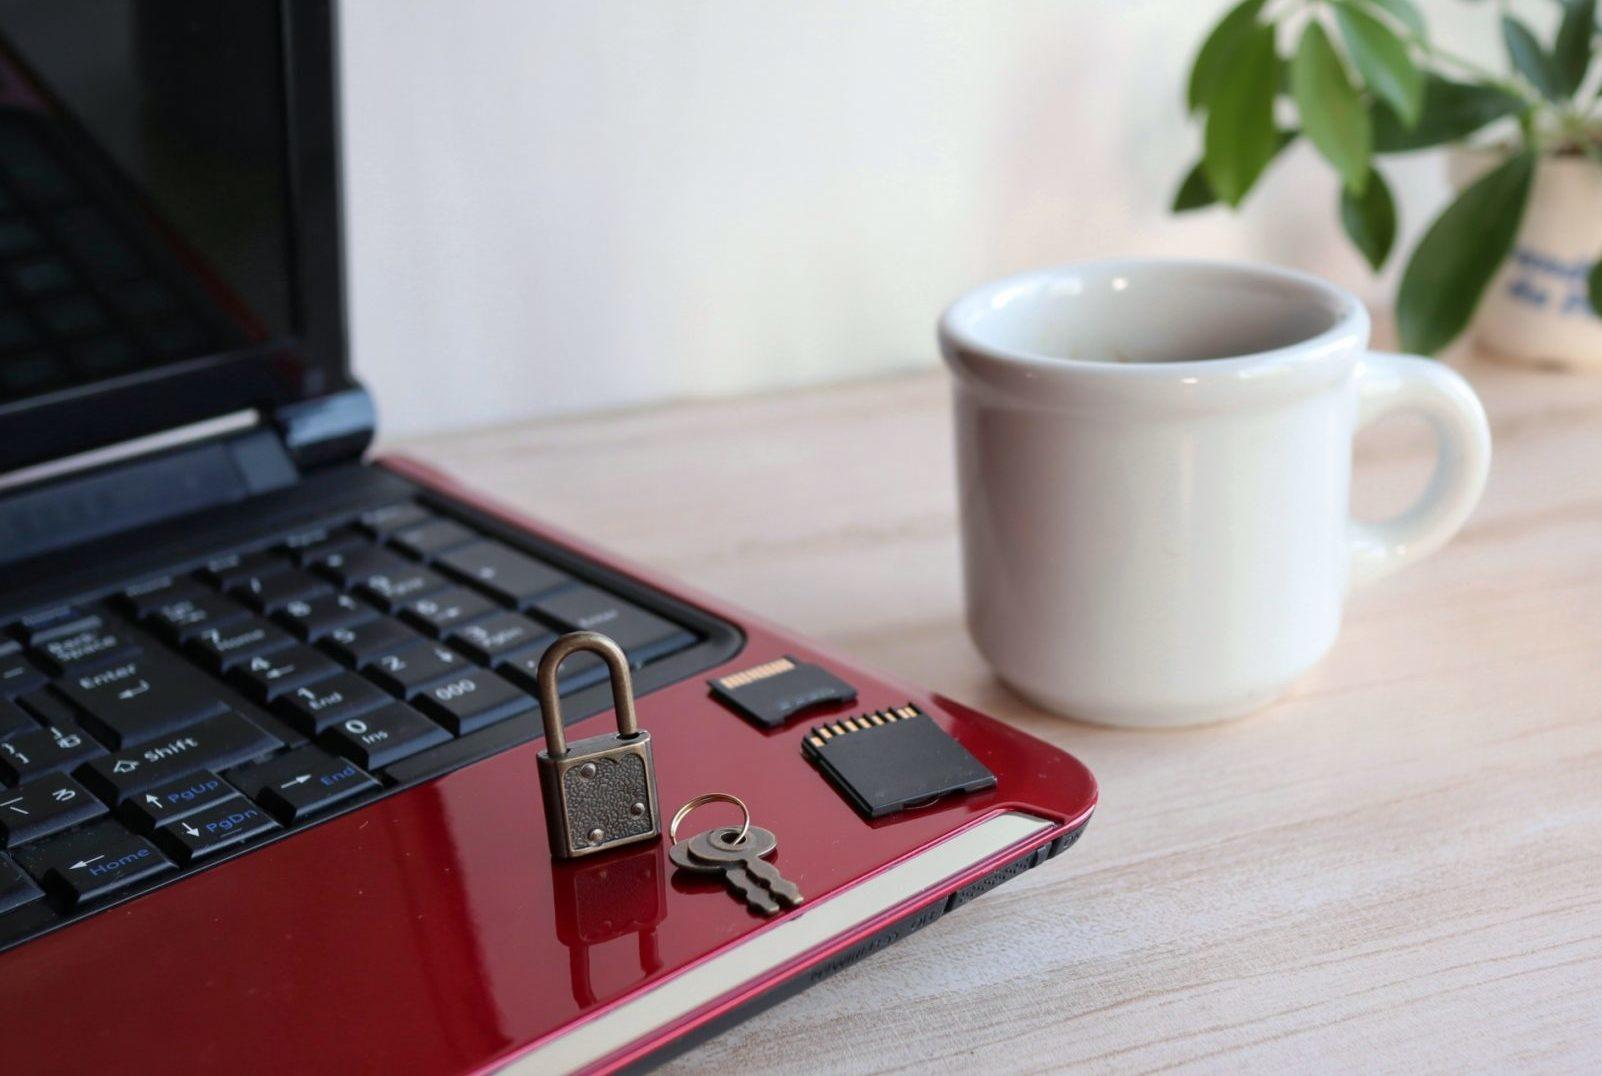 パソコンをパスワードロック